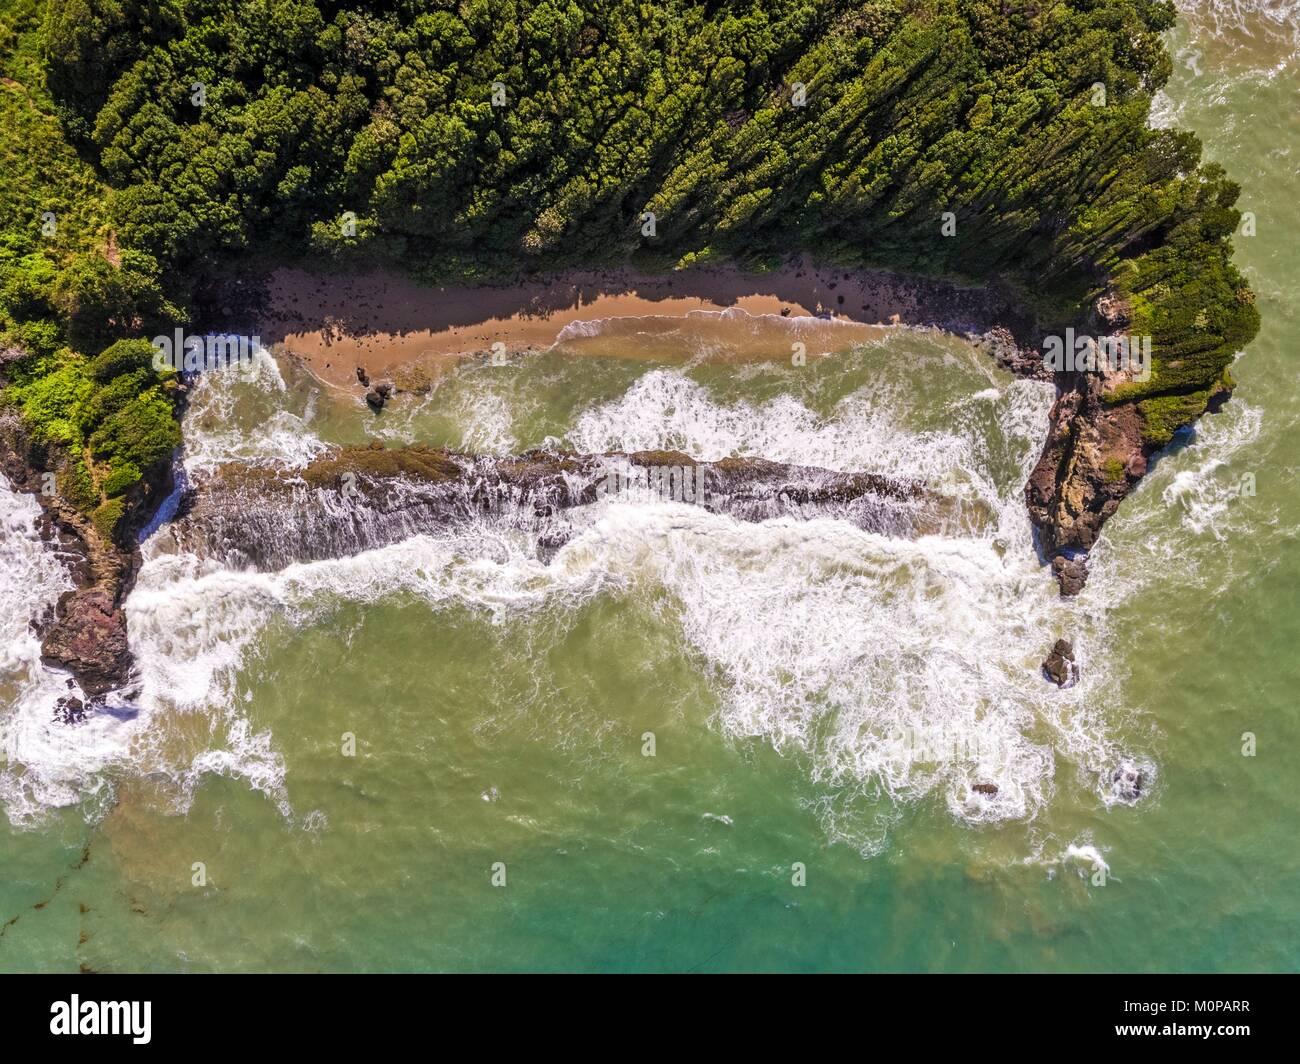 Frankreich, Karibik, Kleine Antillen, Guadeloupe, Basse-Terre, Sainte-Rose, Luftaufnahme auf Cluny Strand (Luftbild) Stockbild